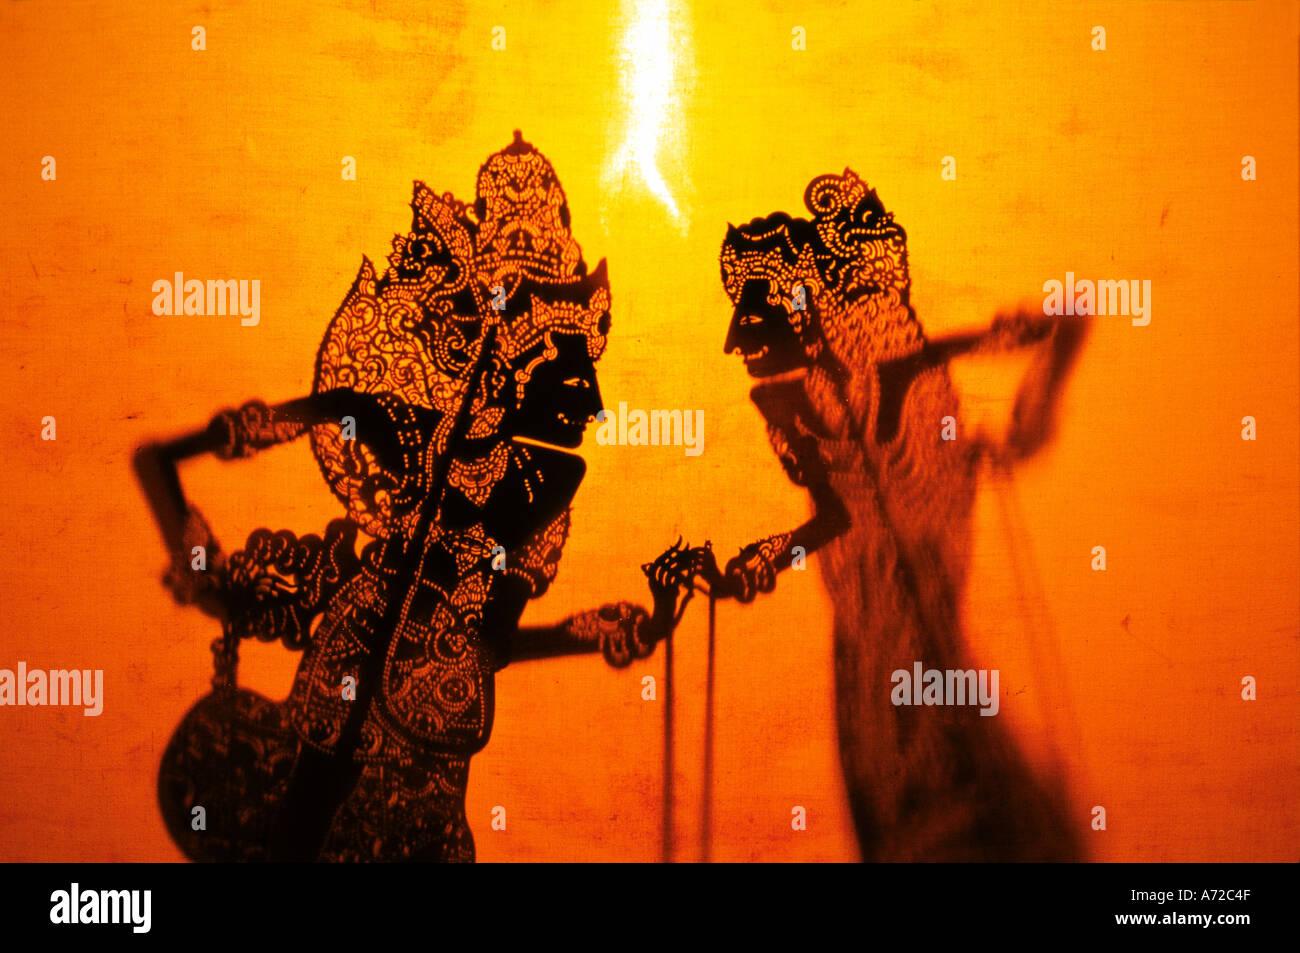 Marionnettes d'ombre Wayang Bali Indonésie Photo Stock